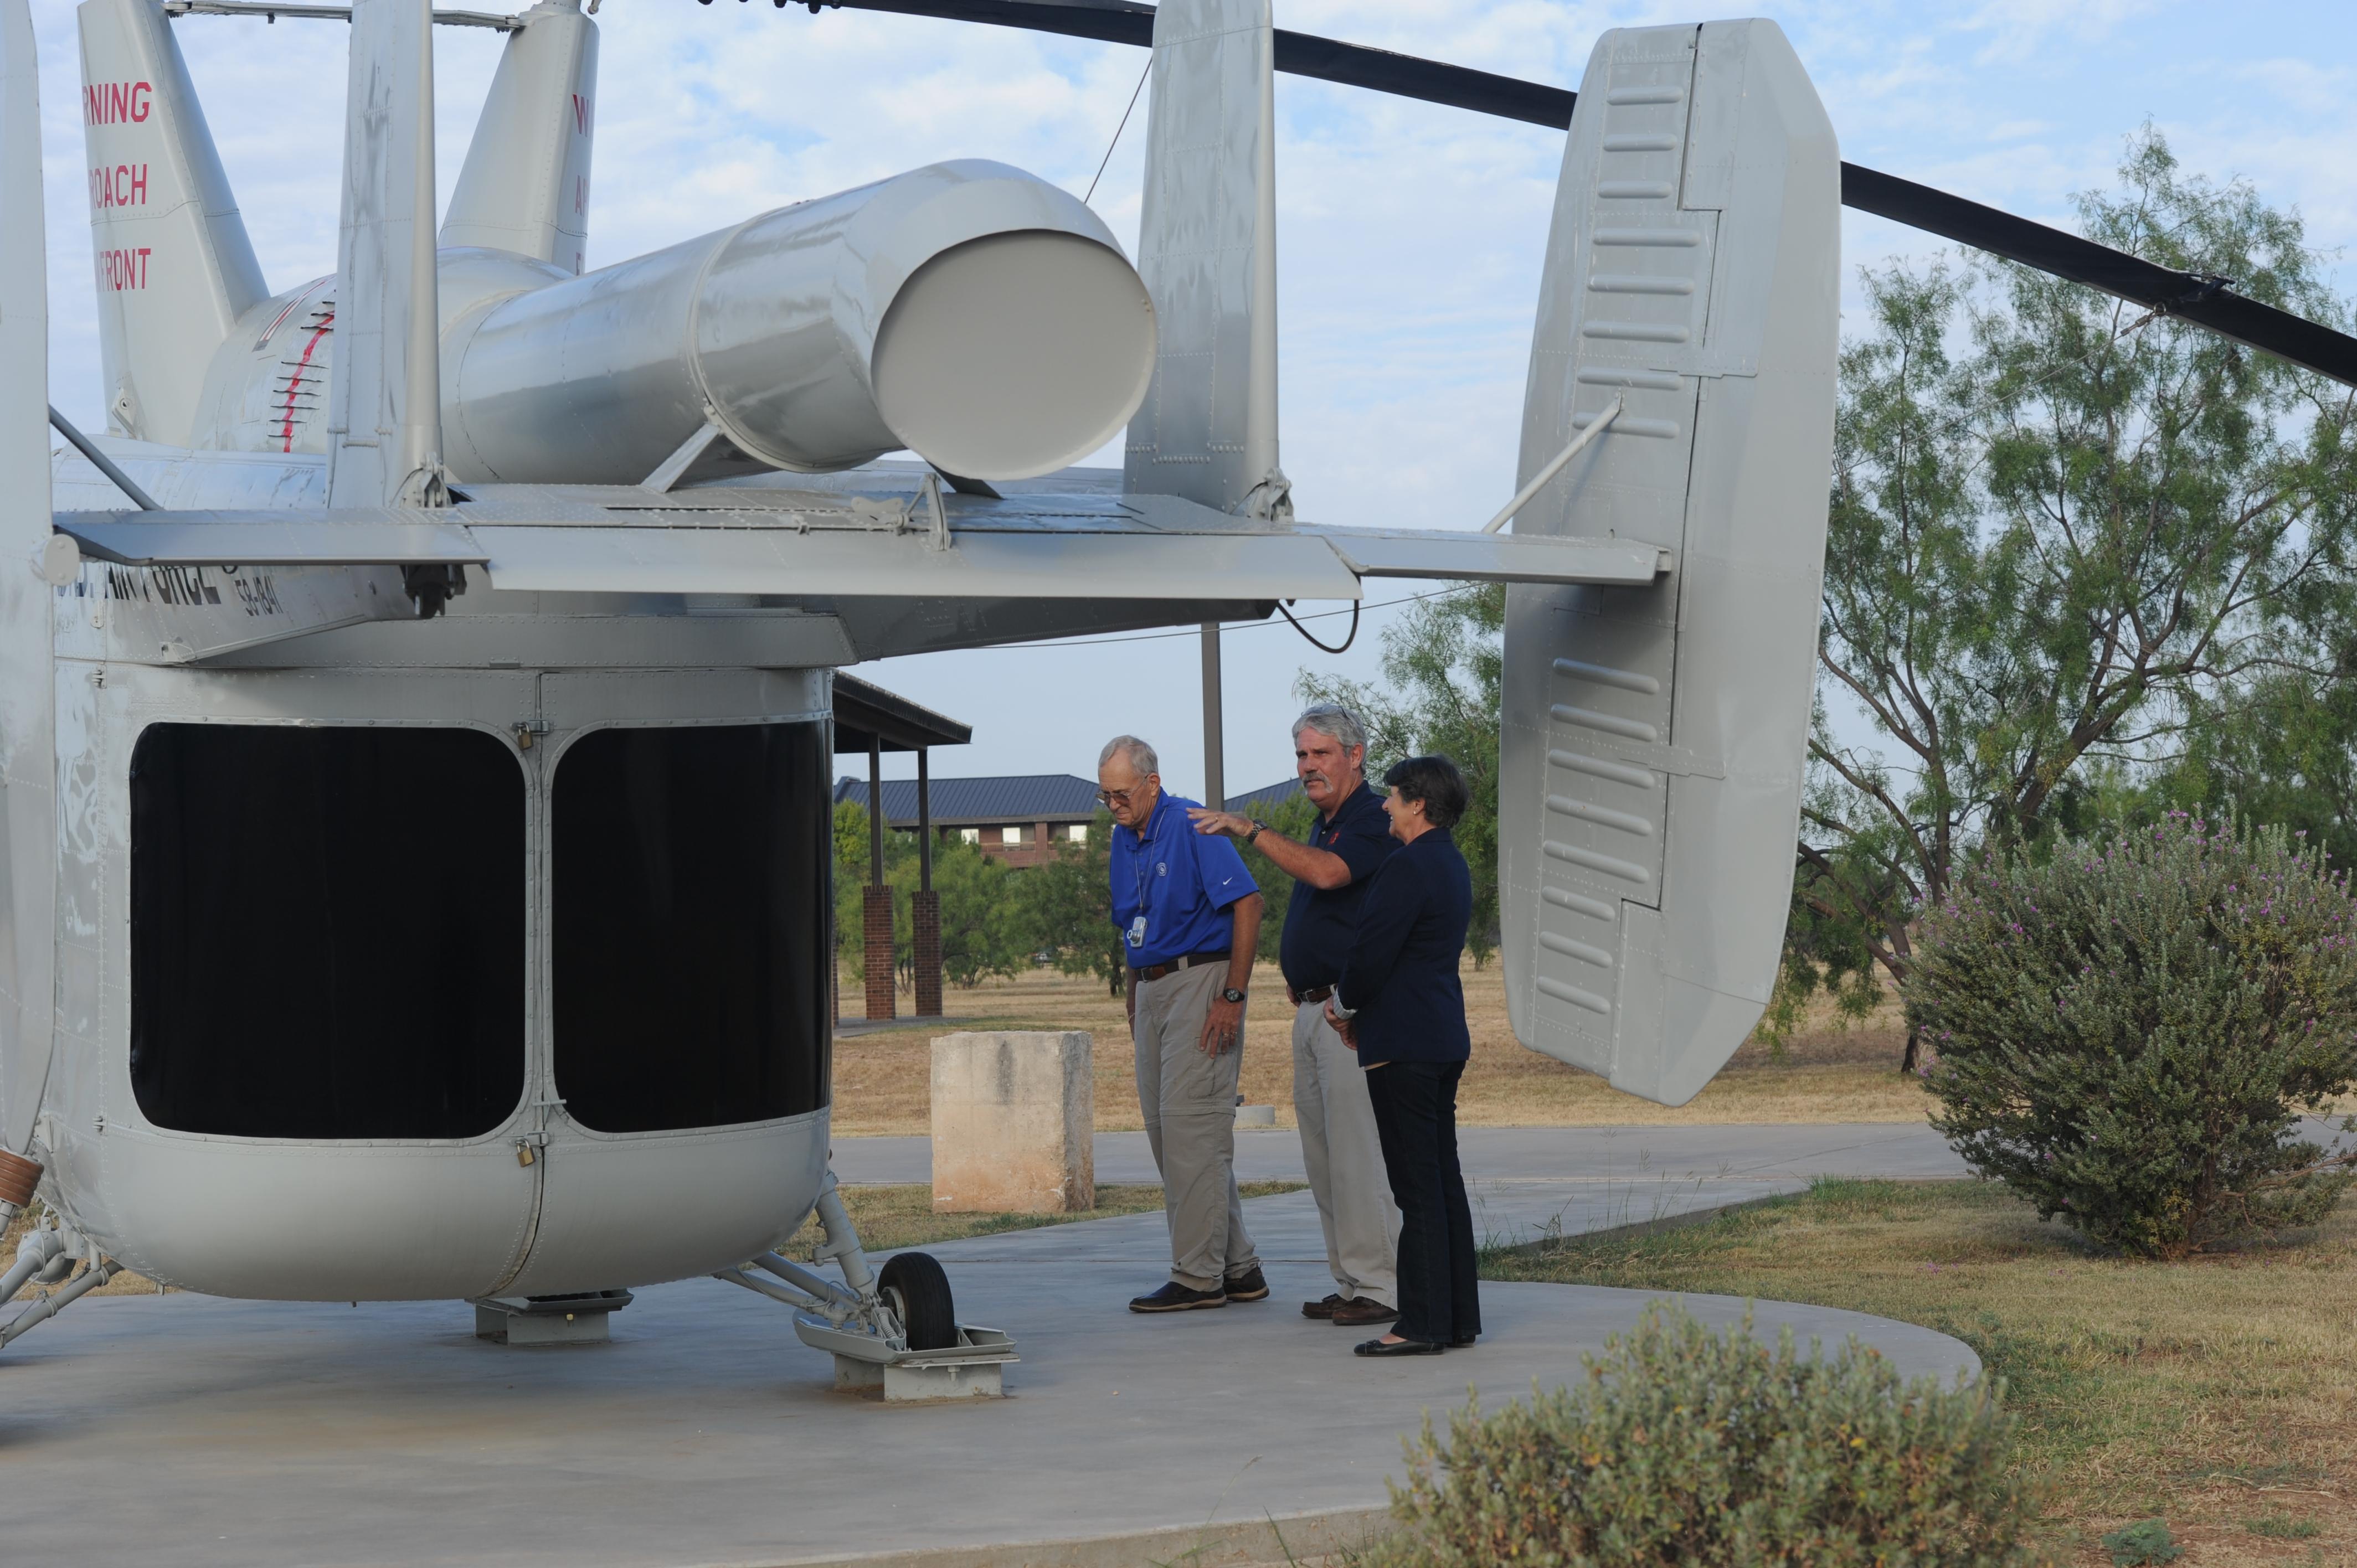 air force firefighter veteran s dod fire school > goodfellow hi res photo details